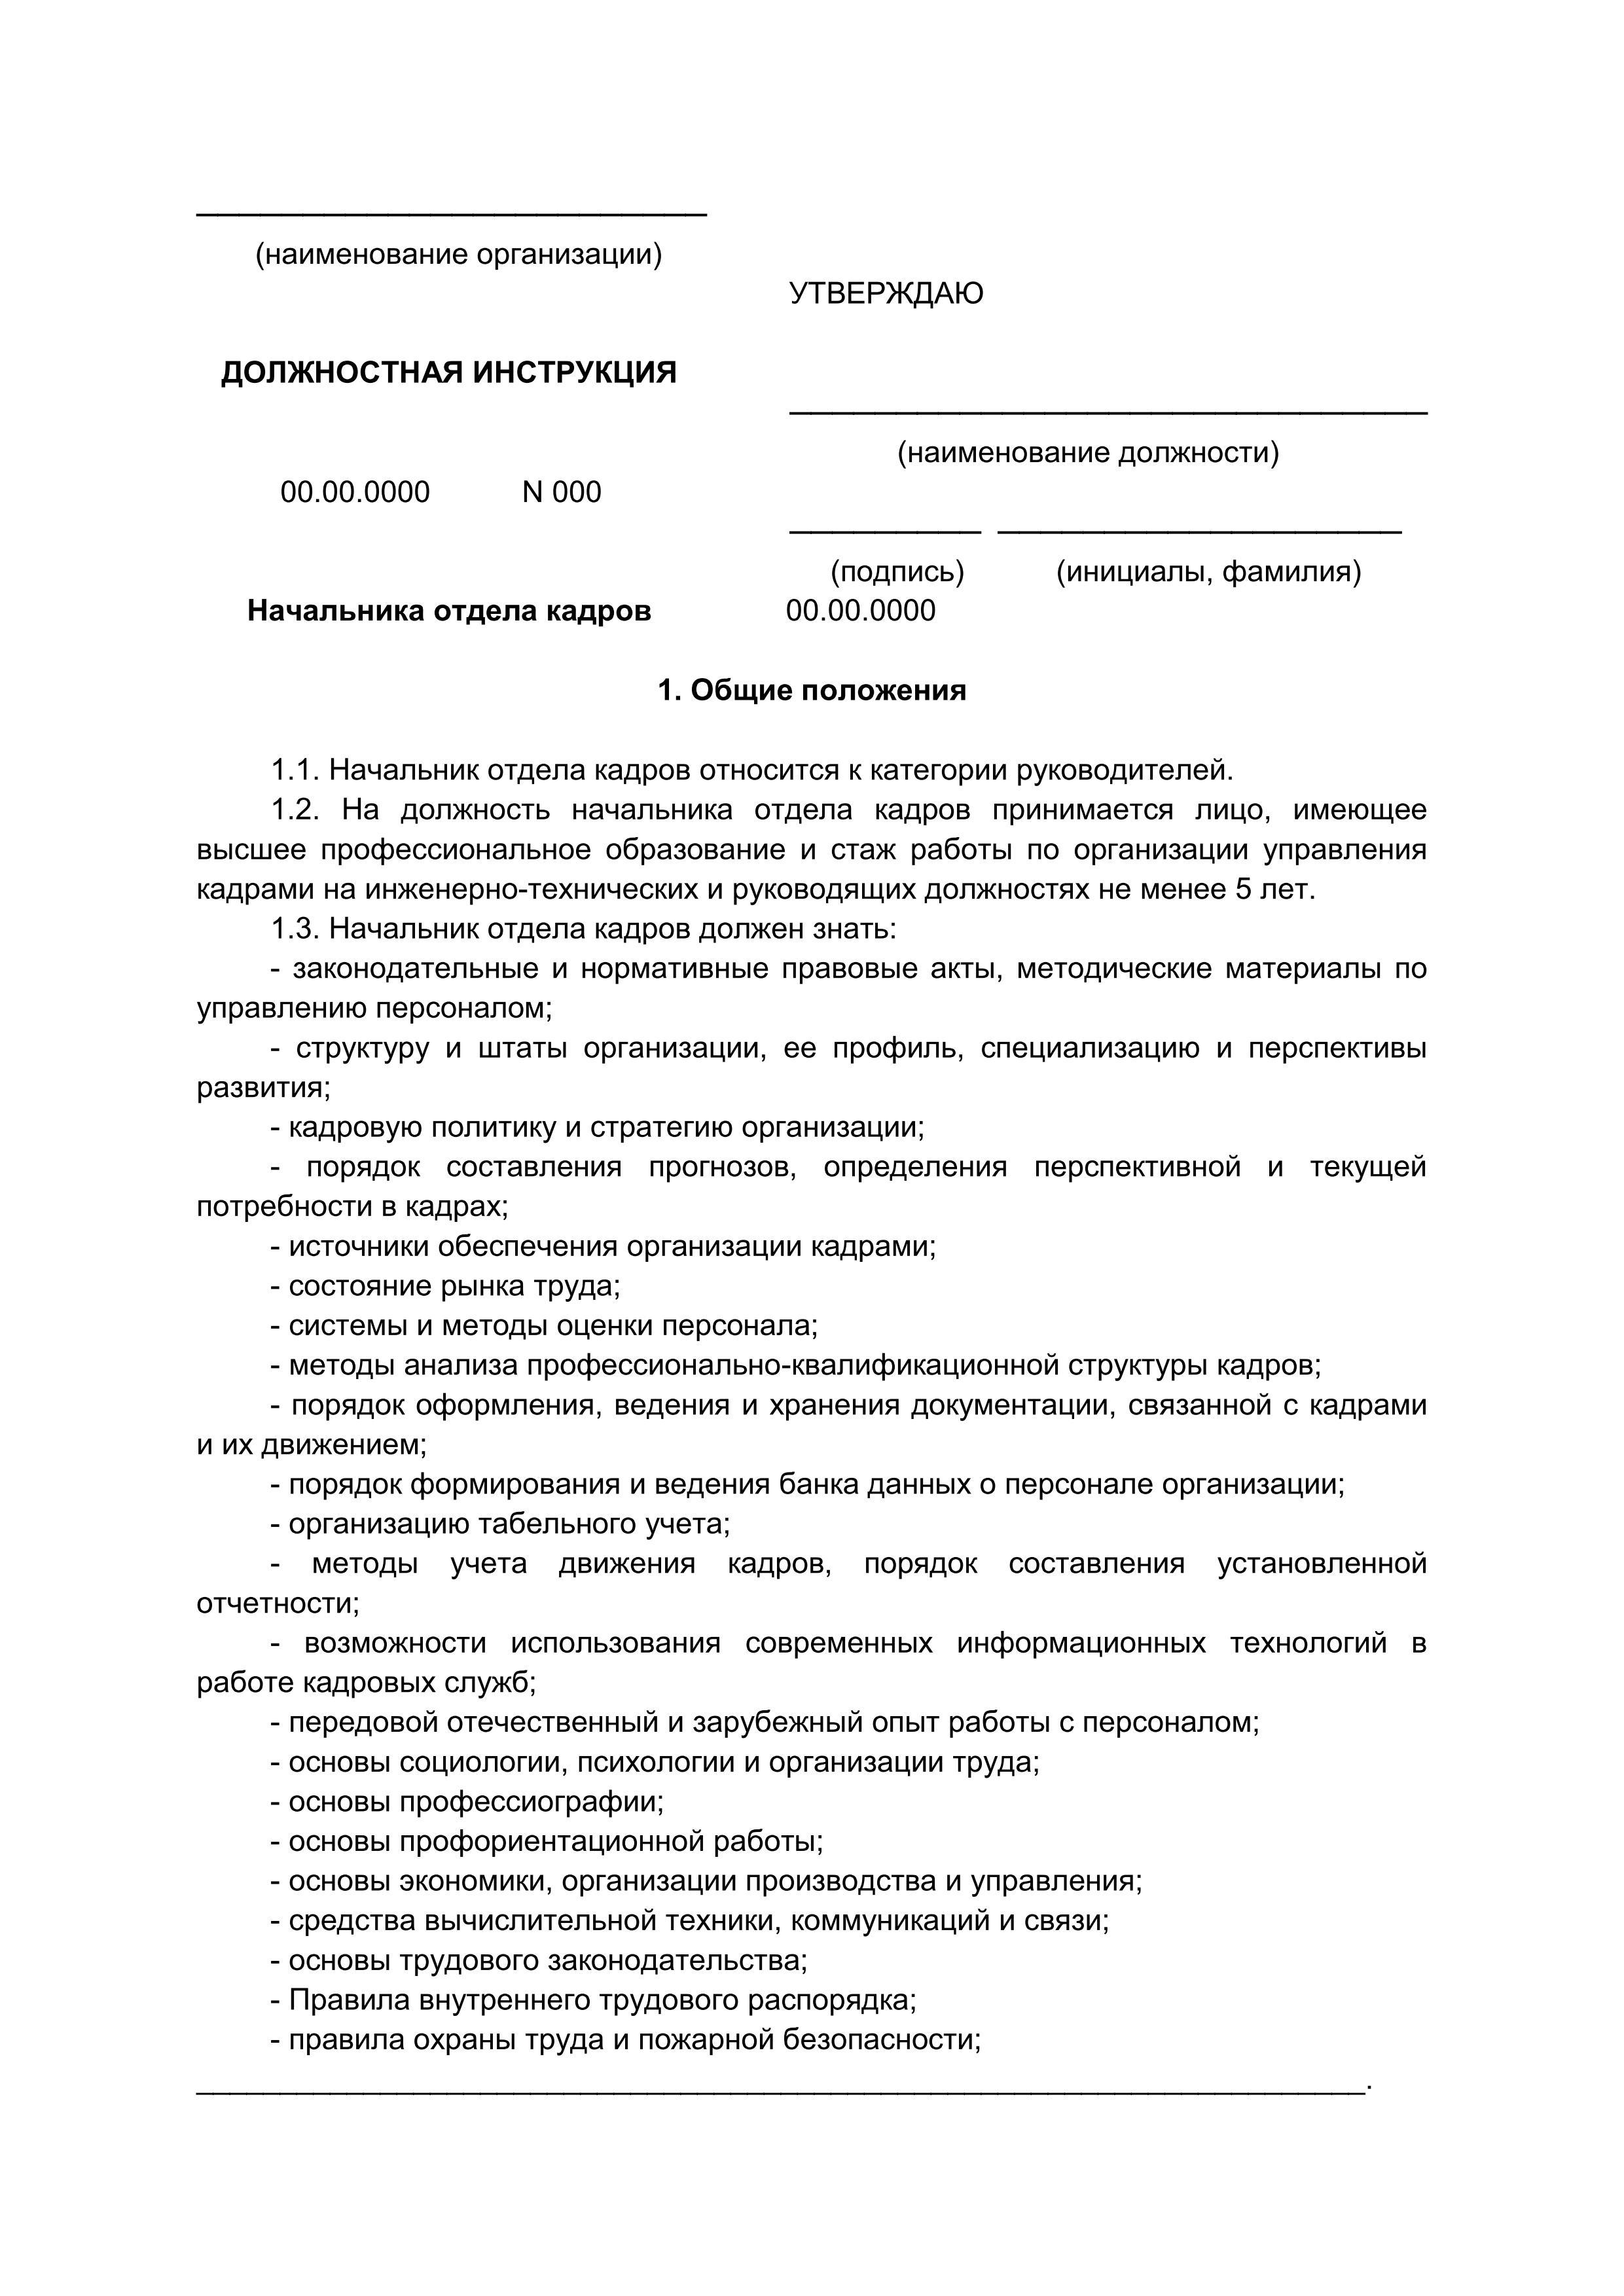 Образец должностных инструкций начальника отдела кадров